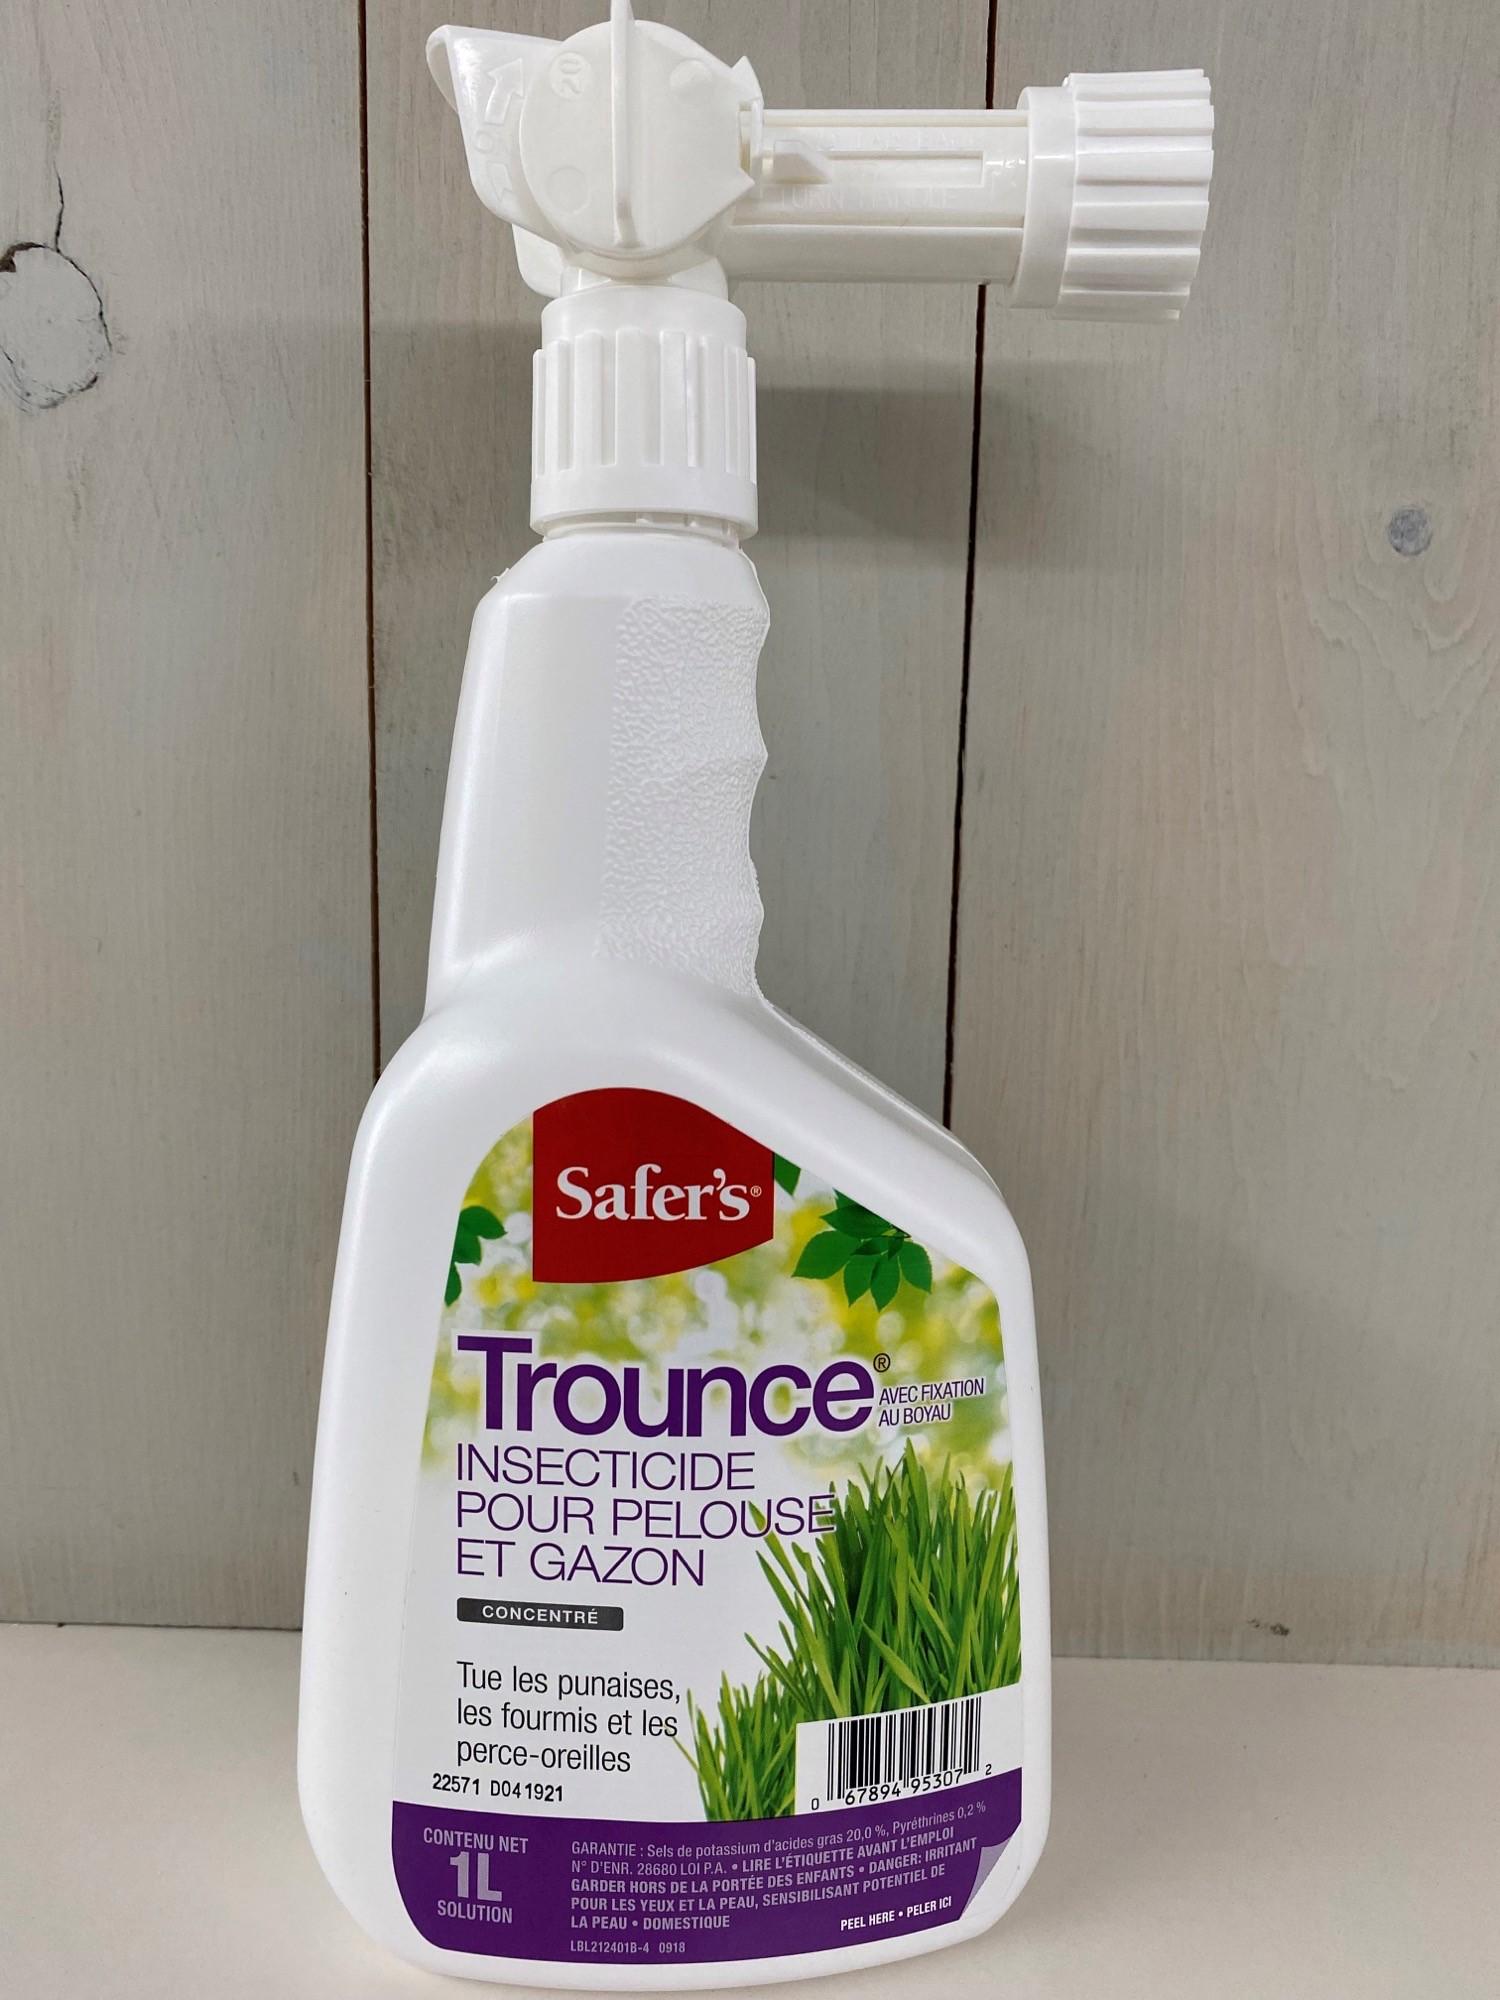 Trounce pour pelouse insecticide au boyeau safer 39 s for Produit de jardinage